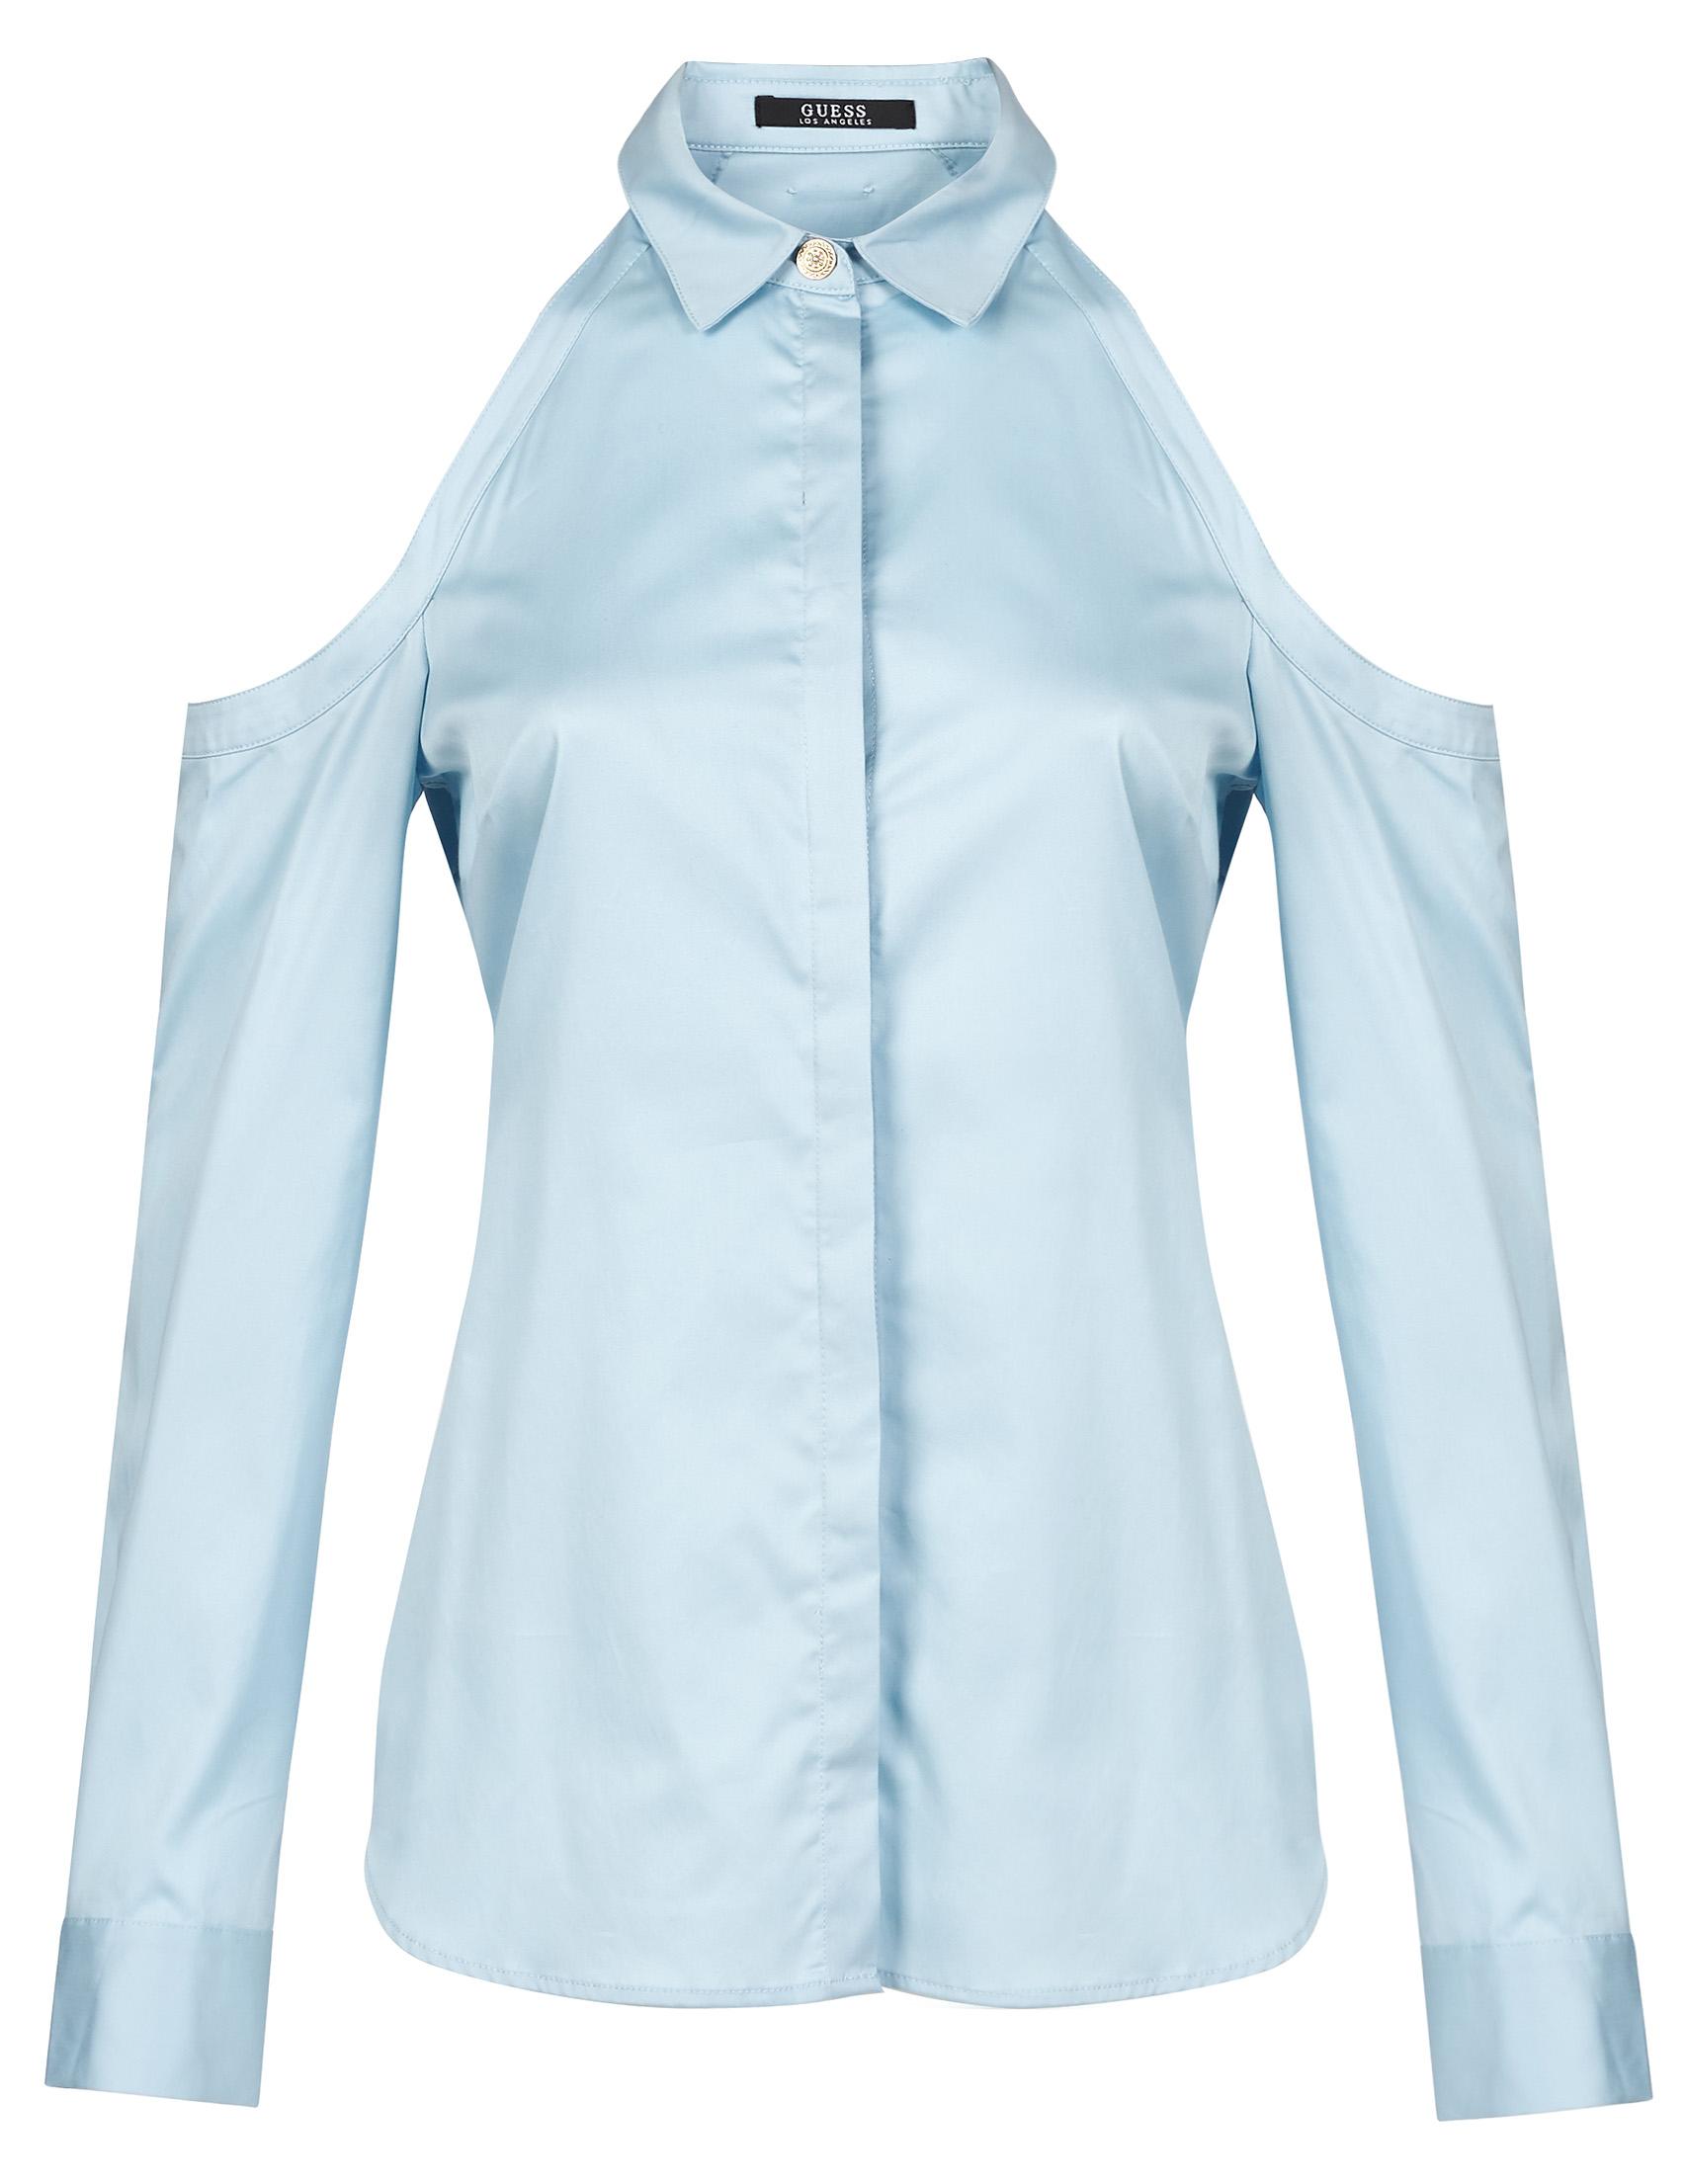 Купить Блузы, Блуза, GUESS, Голубой, 96%Хлопок 4%Эластан, Весна-Лето